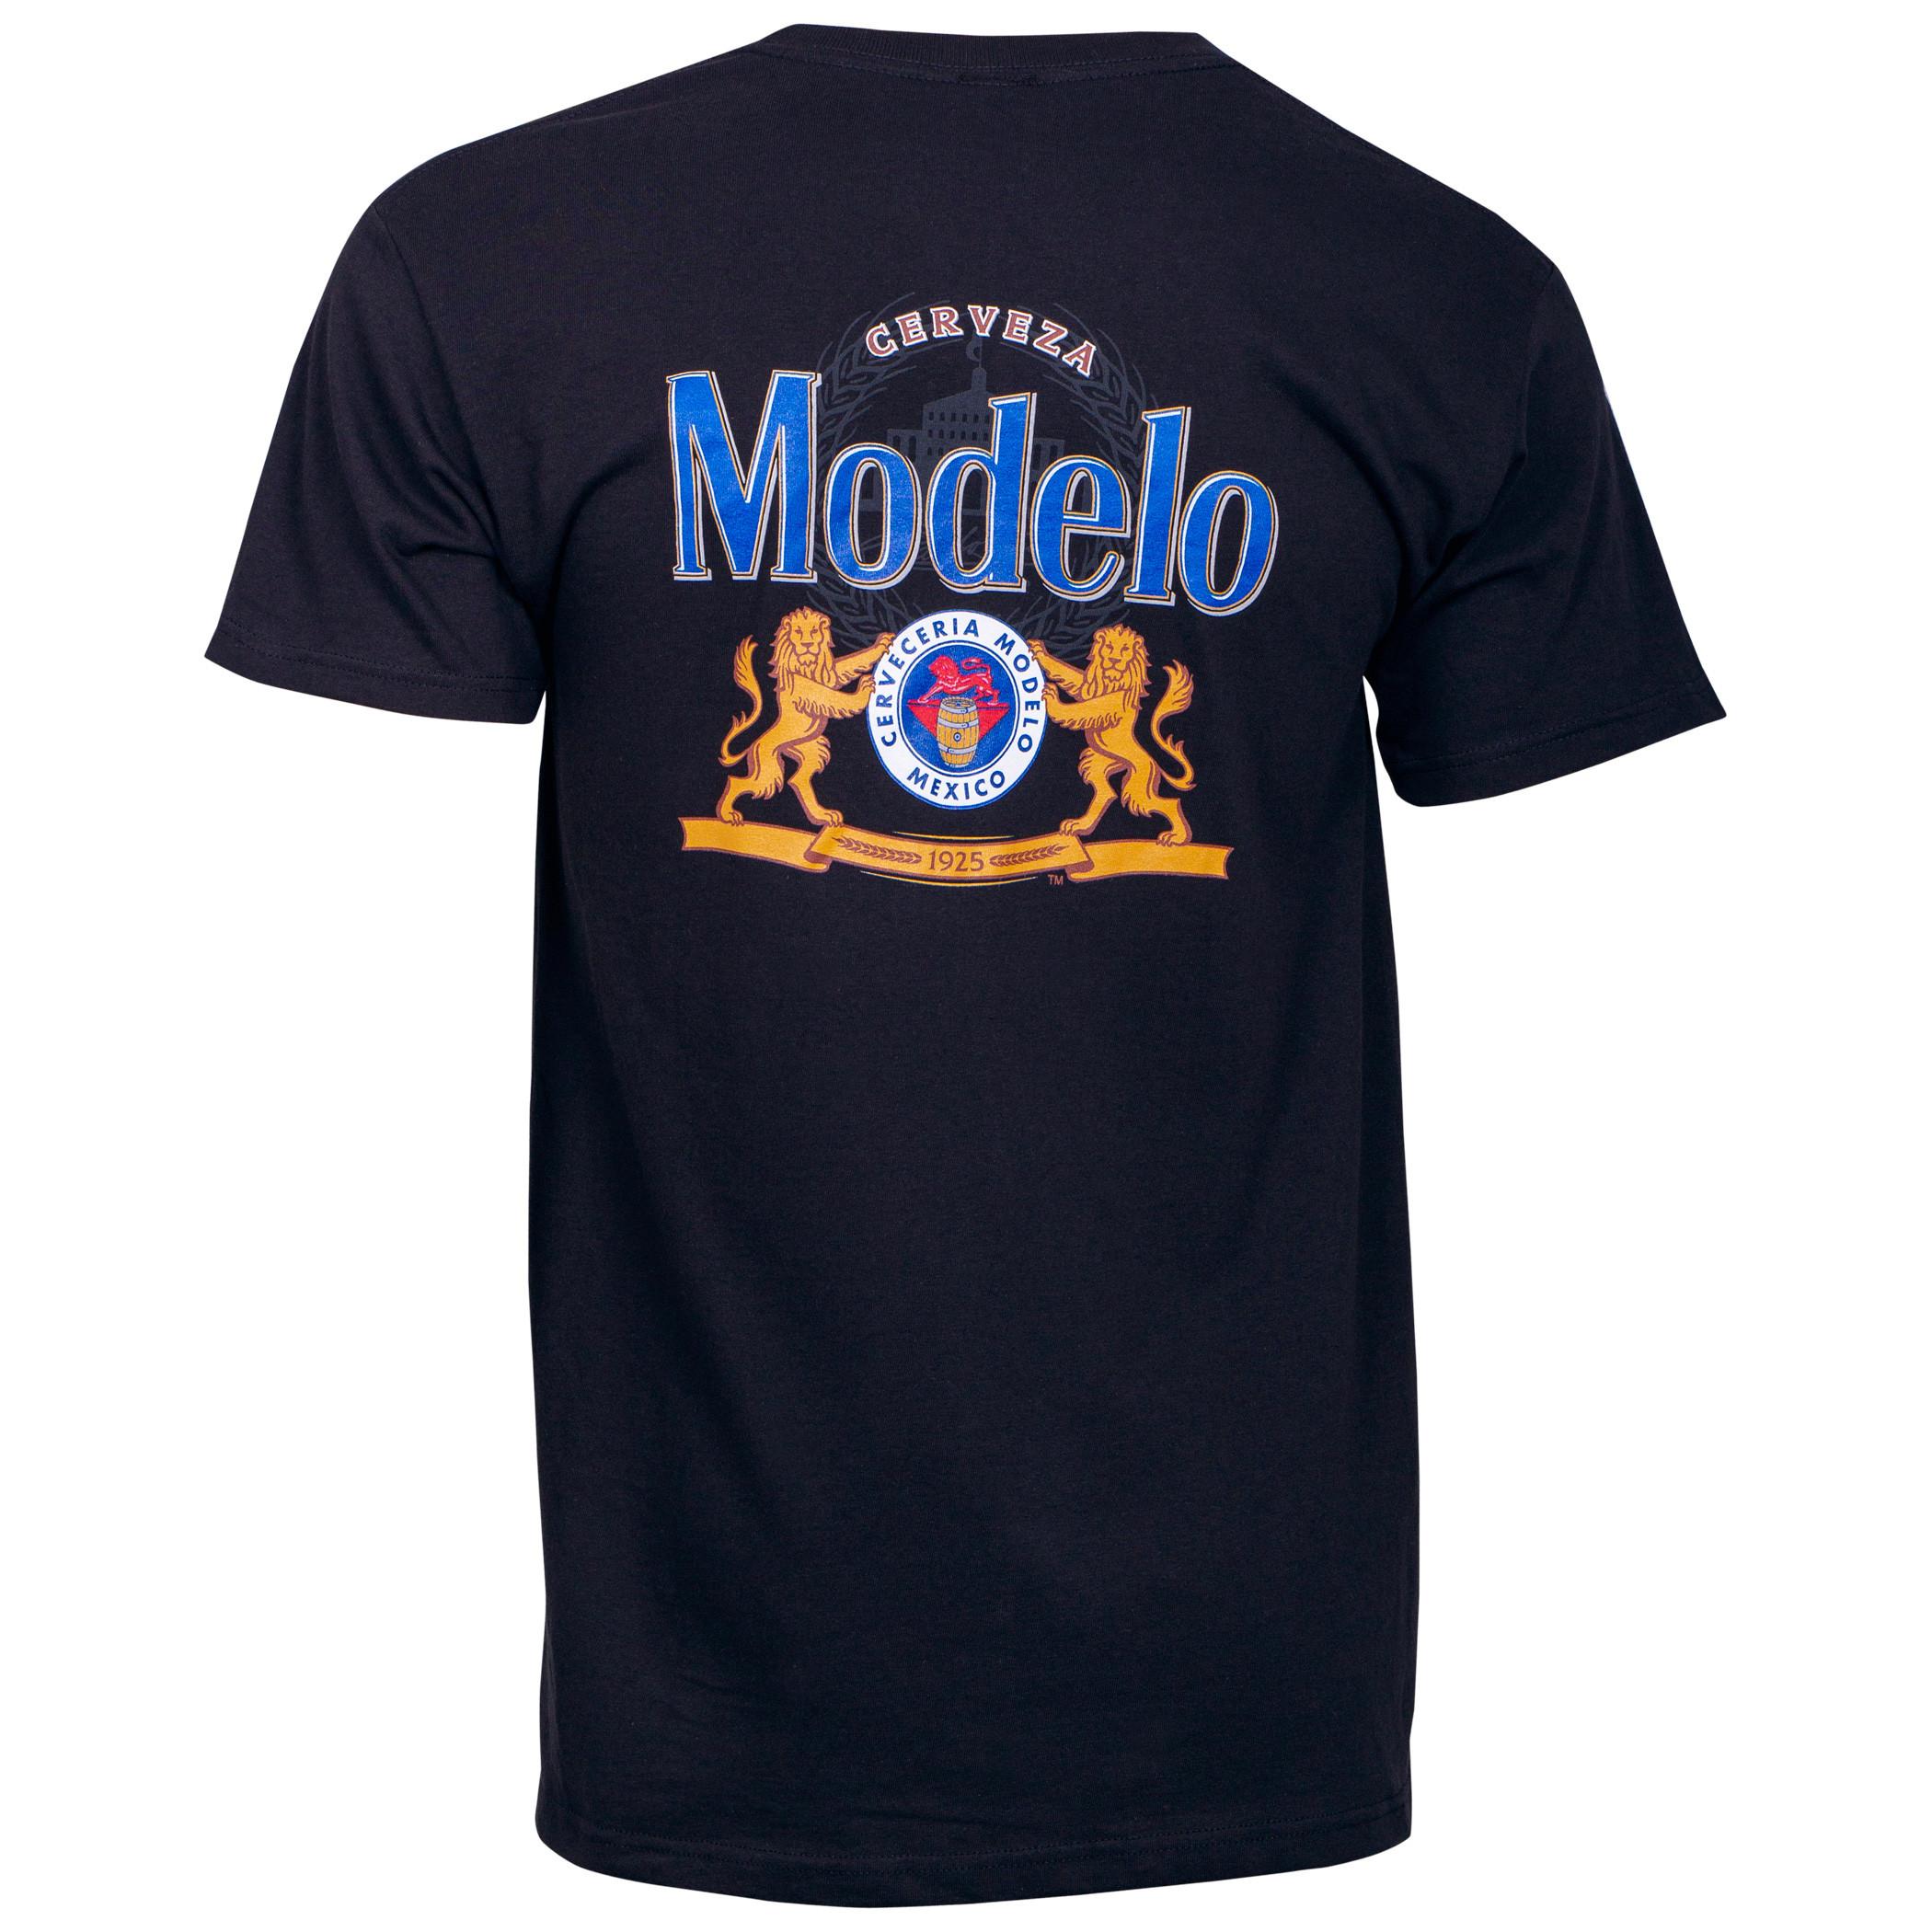 Modelo Cerveza Front and Back Print Pocket T-Shirt